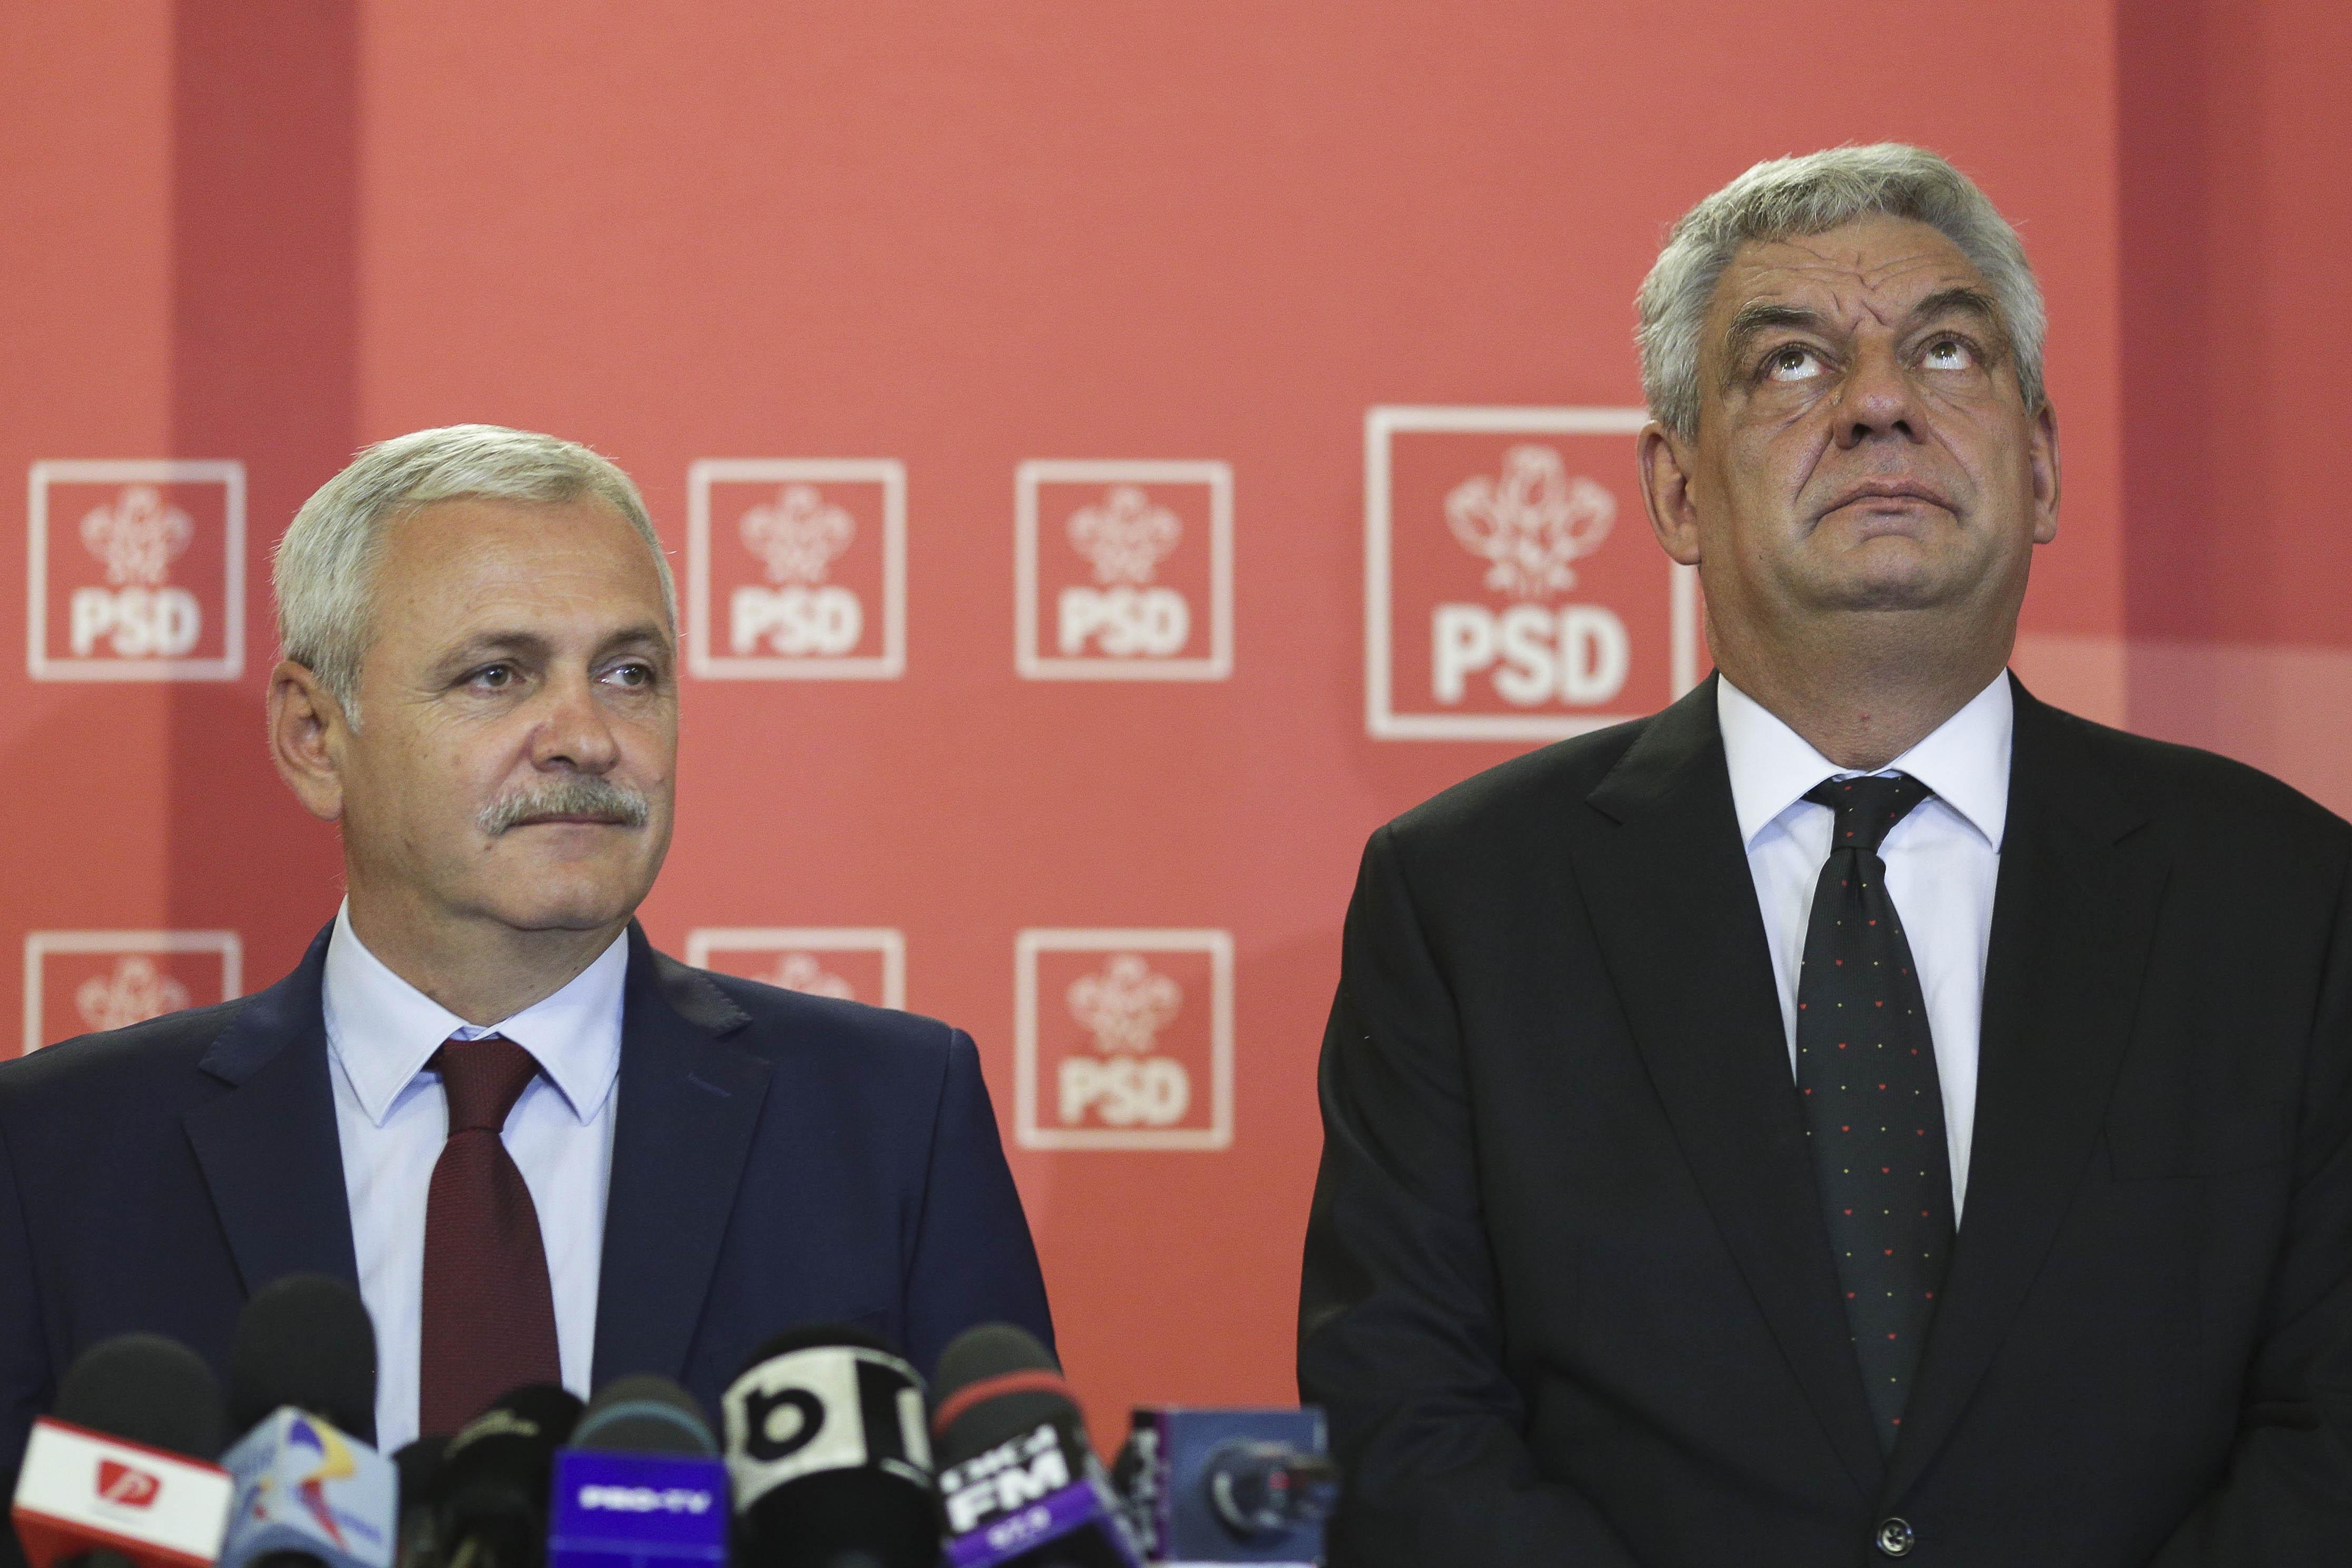 România va avea cel mai mare derapaj economic din Europa, în 2018